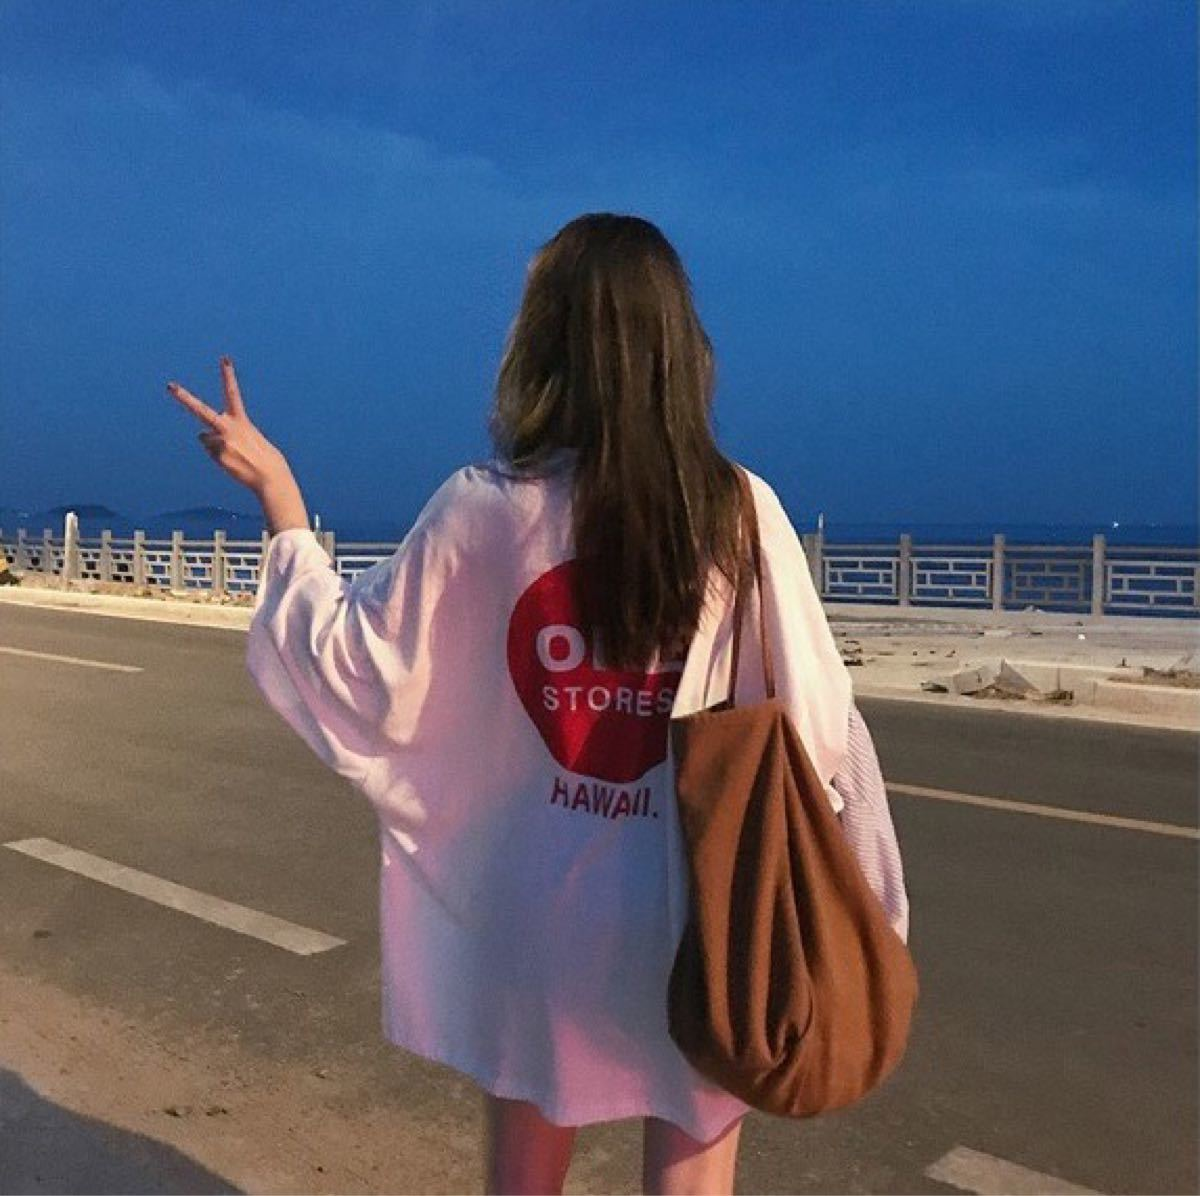 【新品・4color】☆Canvas Tote Bag☆ キャンバストートバッグ レディース 通勤通学 エコバッグ マザーバッグ